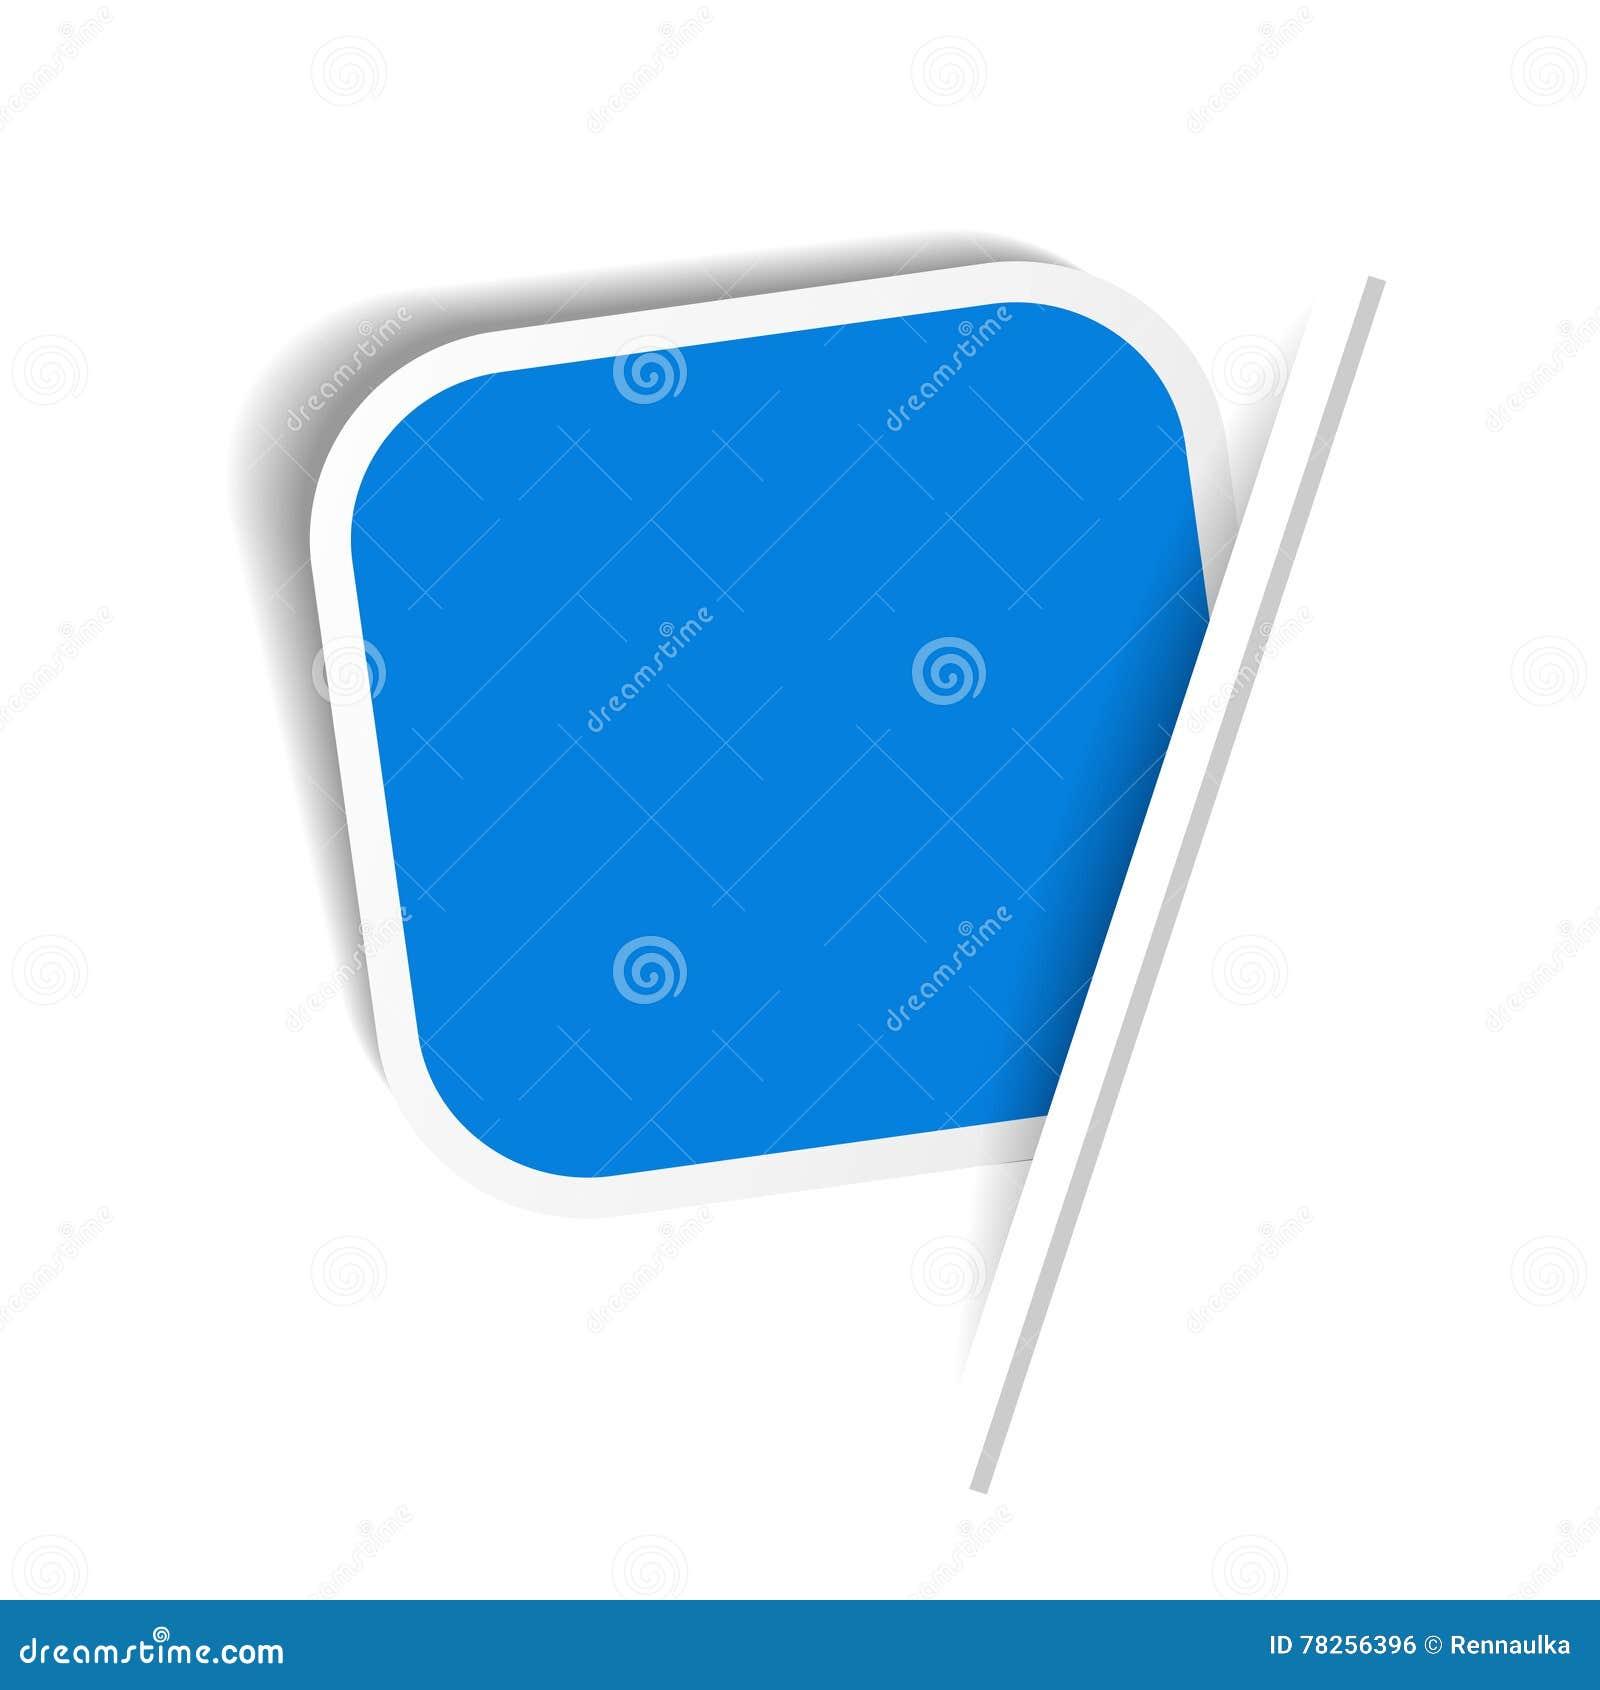 Μπλε ετικέτα διαφήμισης Τακτοποιημένη αυτοκόλλητη ετικέττα που παρεμβάλλεται στο πλαίσιο της σελίδας της Λευκής Βίβλου